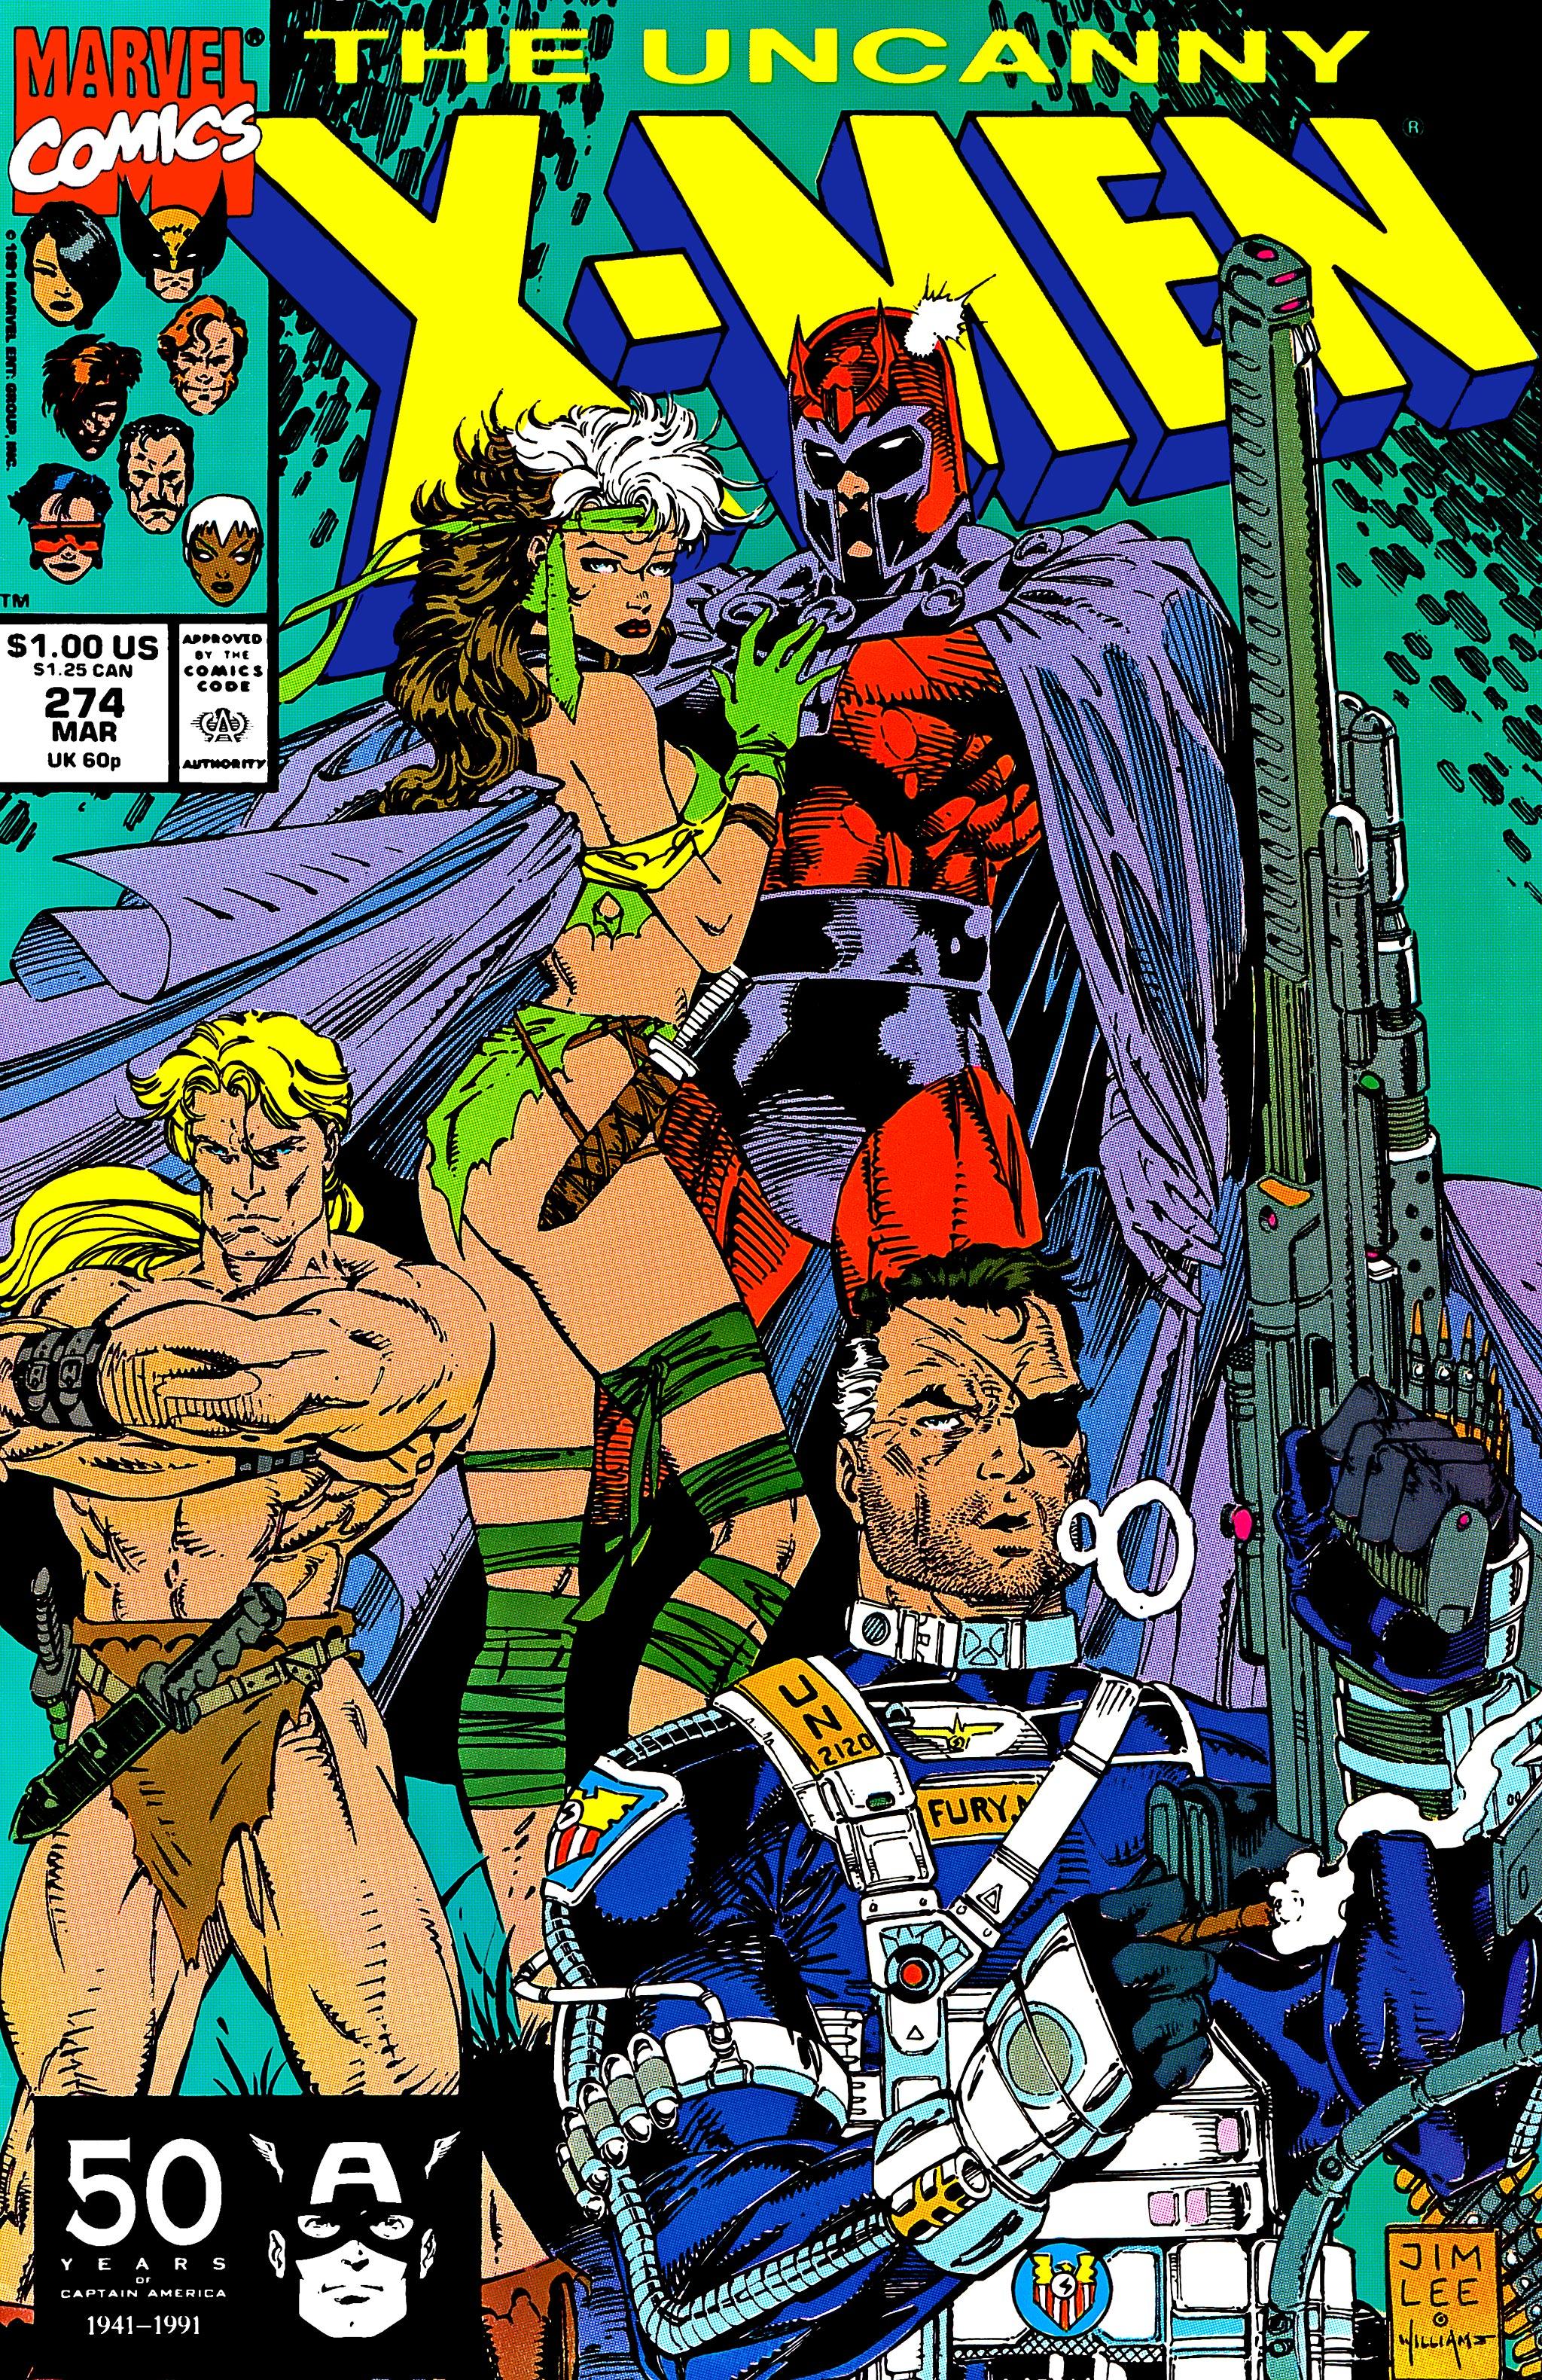 Read online Uncanny X-Men (1963) comic -  Issue #274 - 1